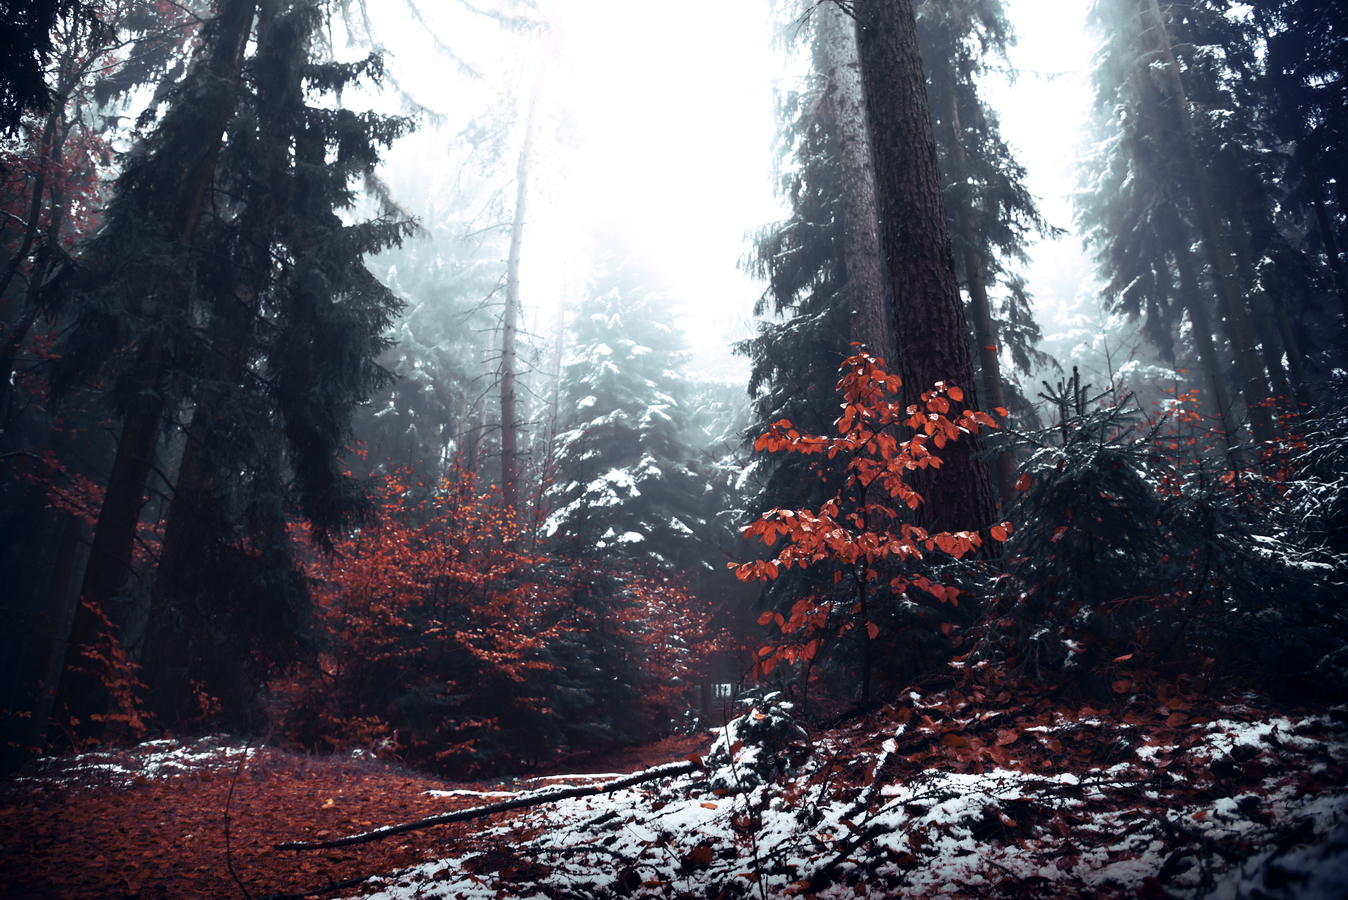 Ráno v temném lese